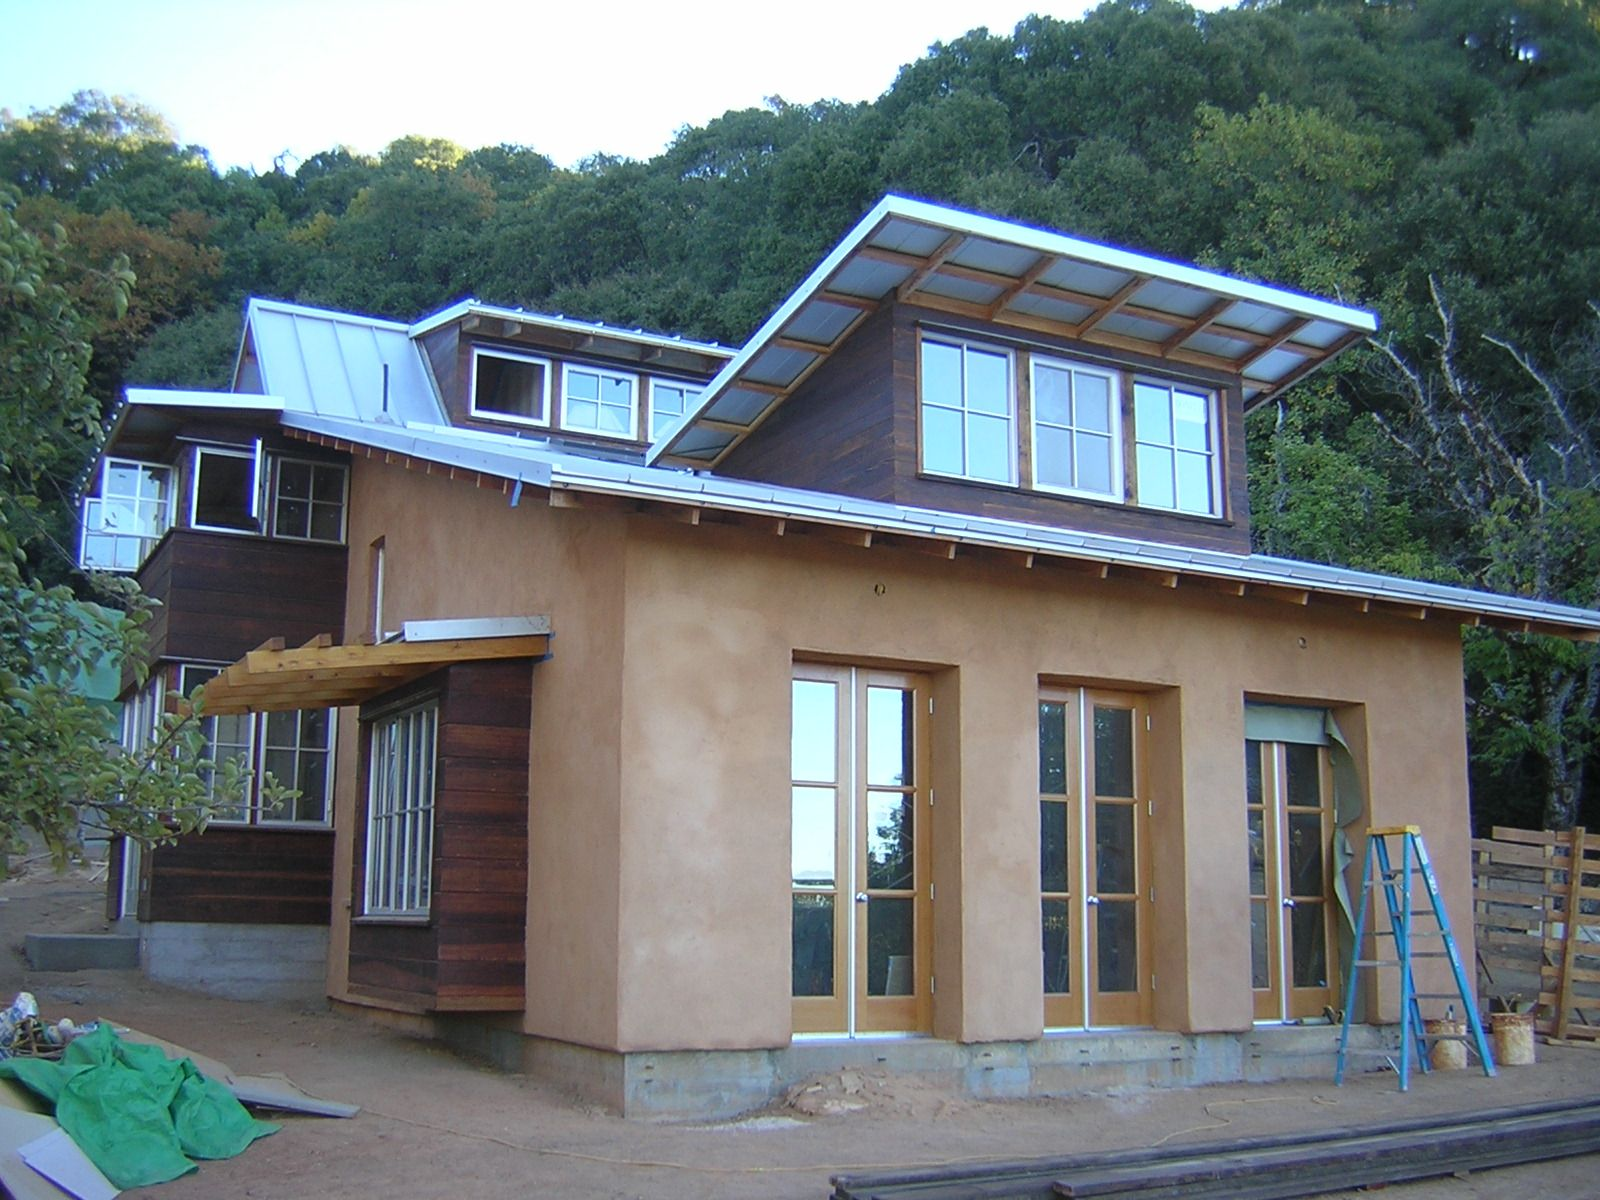 Un ejemplo m s de el buen gusto casas de paja en 2019 - Construccion de casas baratas ...